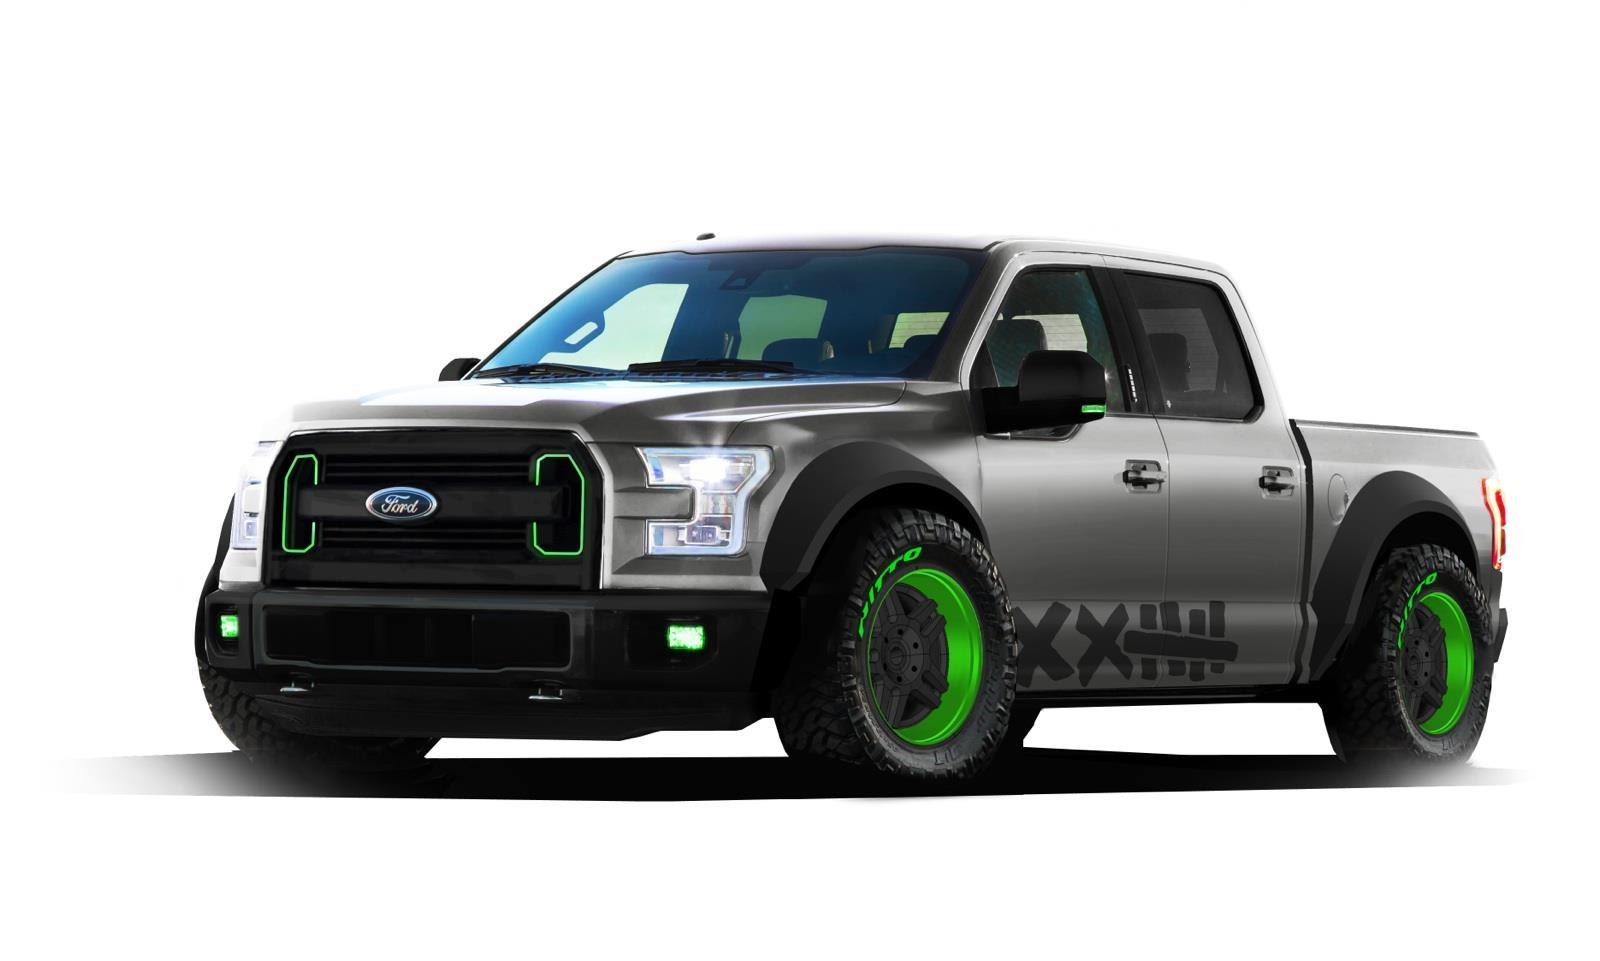 ford f 150 2015 quiere el premio hottest truck del sema show 2014. Black Bedroom Furniture Sets. Home Design Ideas